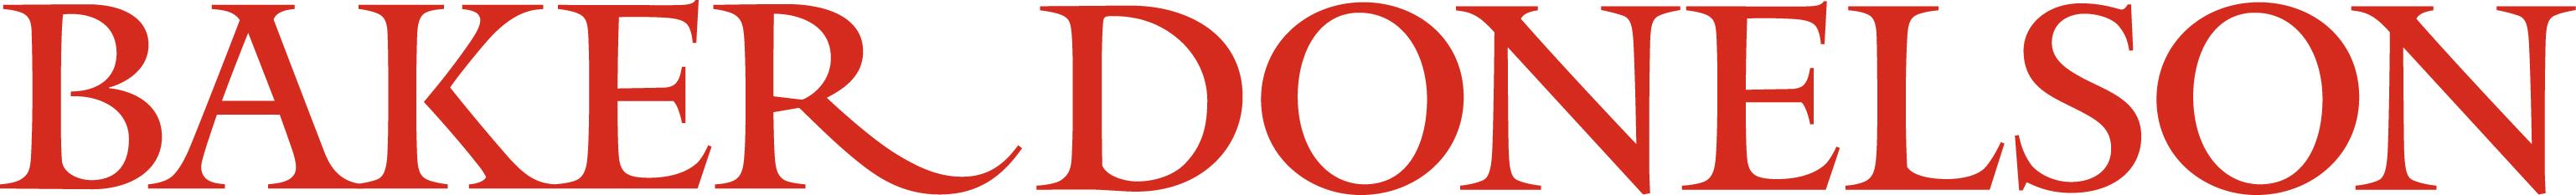 Baker Donelson Logo Horiz Red RGB Digital Use Onlyjpg 4821-1367-3066 V1